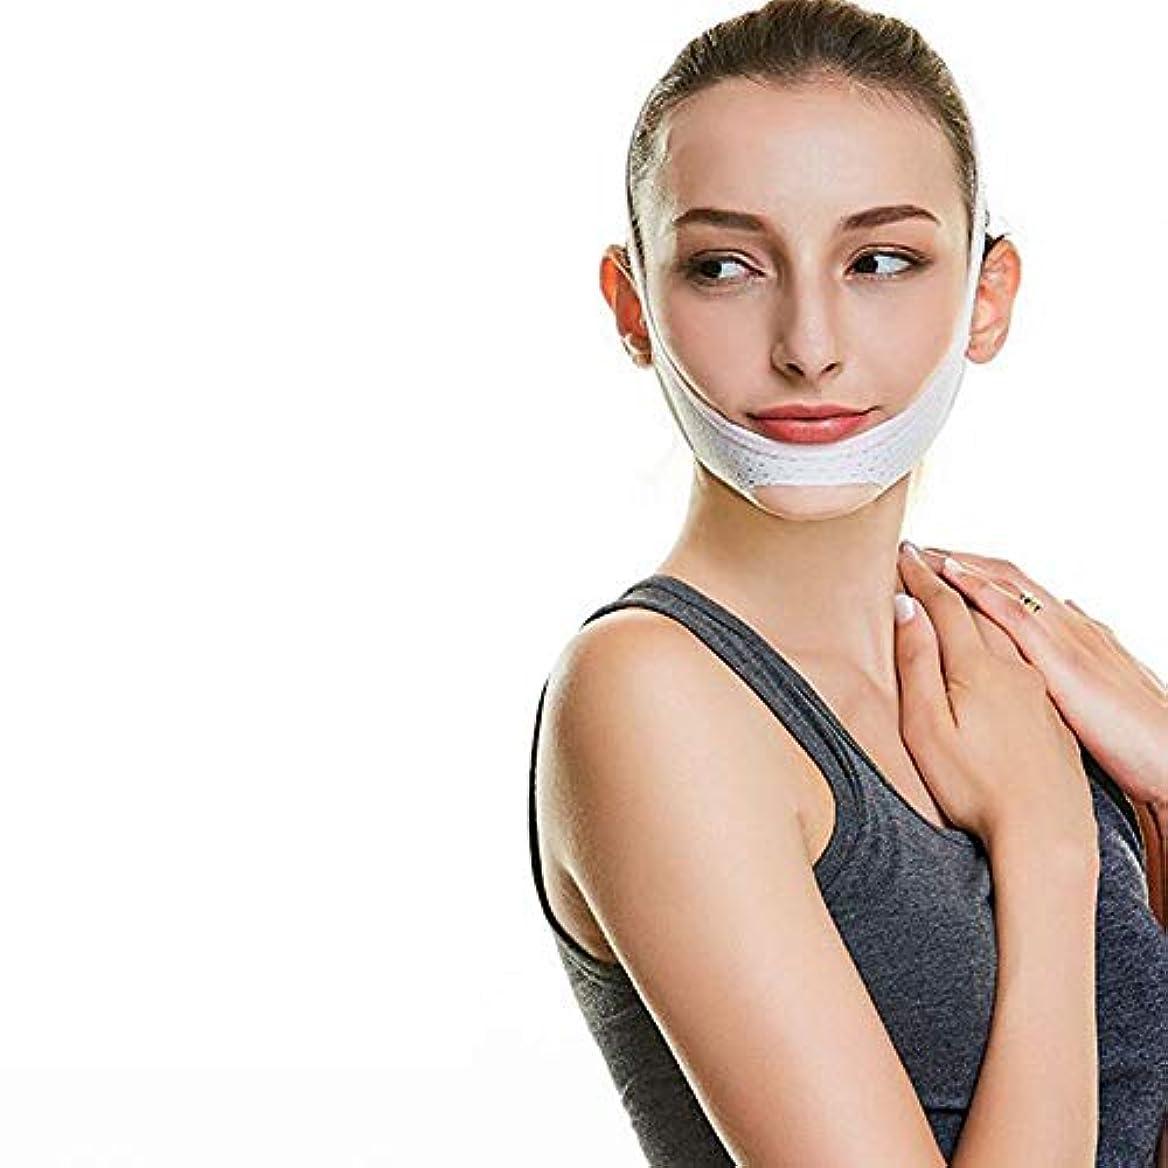 事件、出来事スーダン寄付Vフェイスライン包帯、顎ほぐれ防止防シワマスク極薄ベルト/ダブルチンフェイスタイプアライナ(ホワイト)